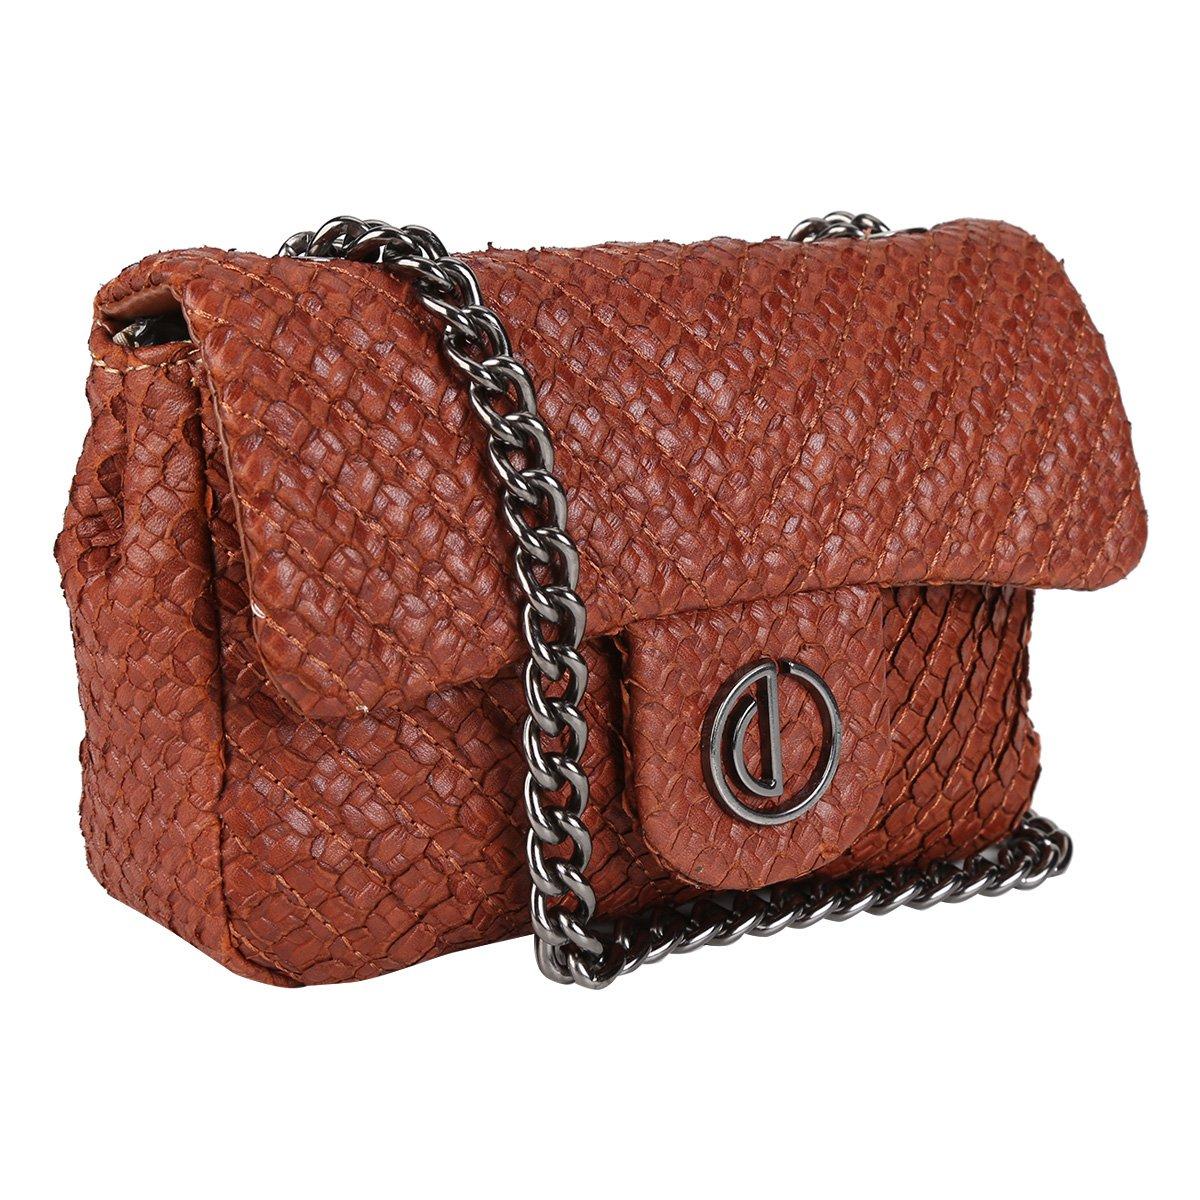 Feminina Bag Couro Bolsa Caseina Caramelo Mini Bolsa Couro Serpente Dumond XZ8qFwUUx